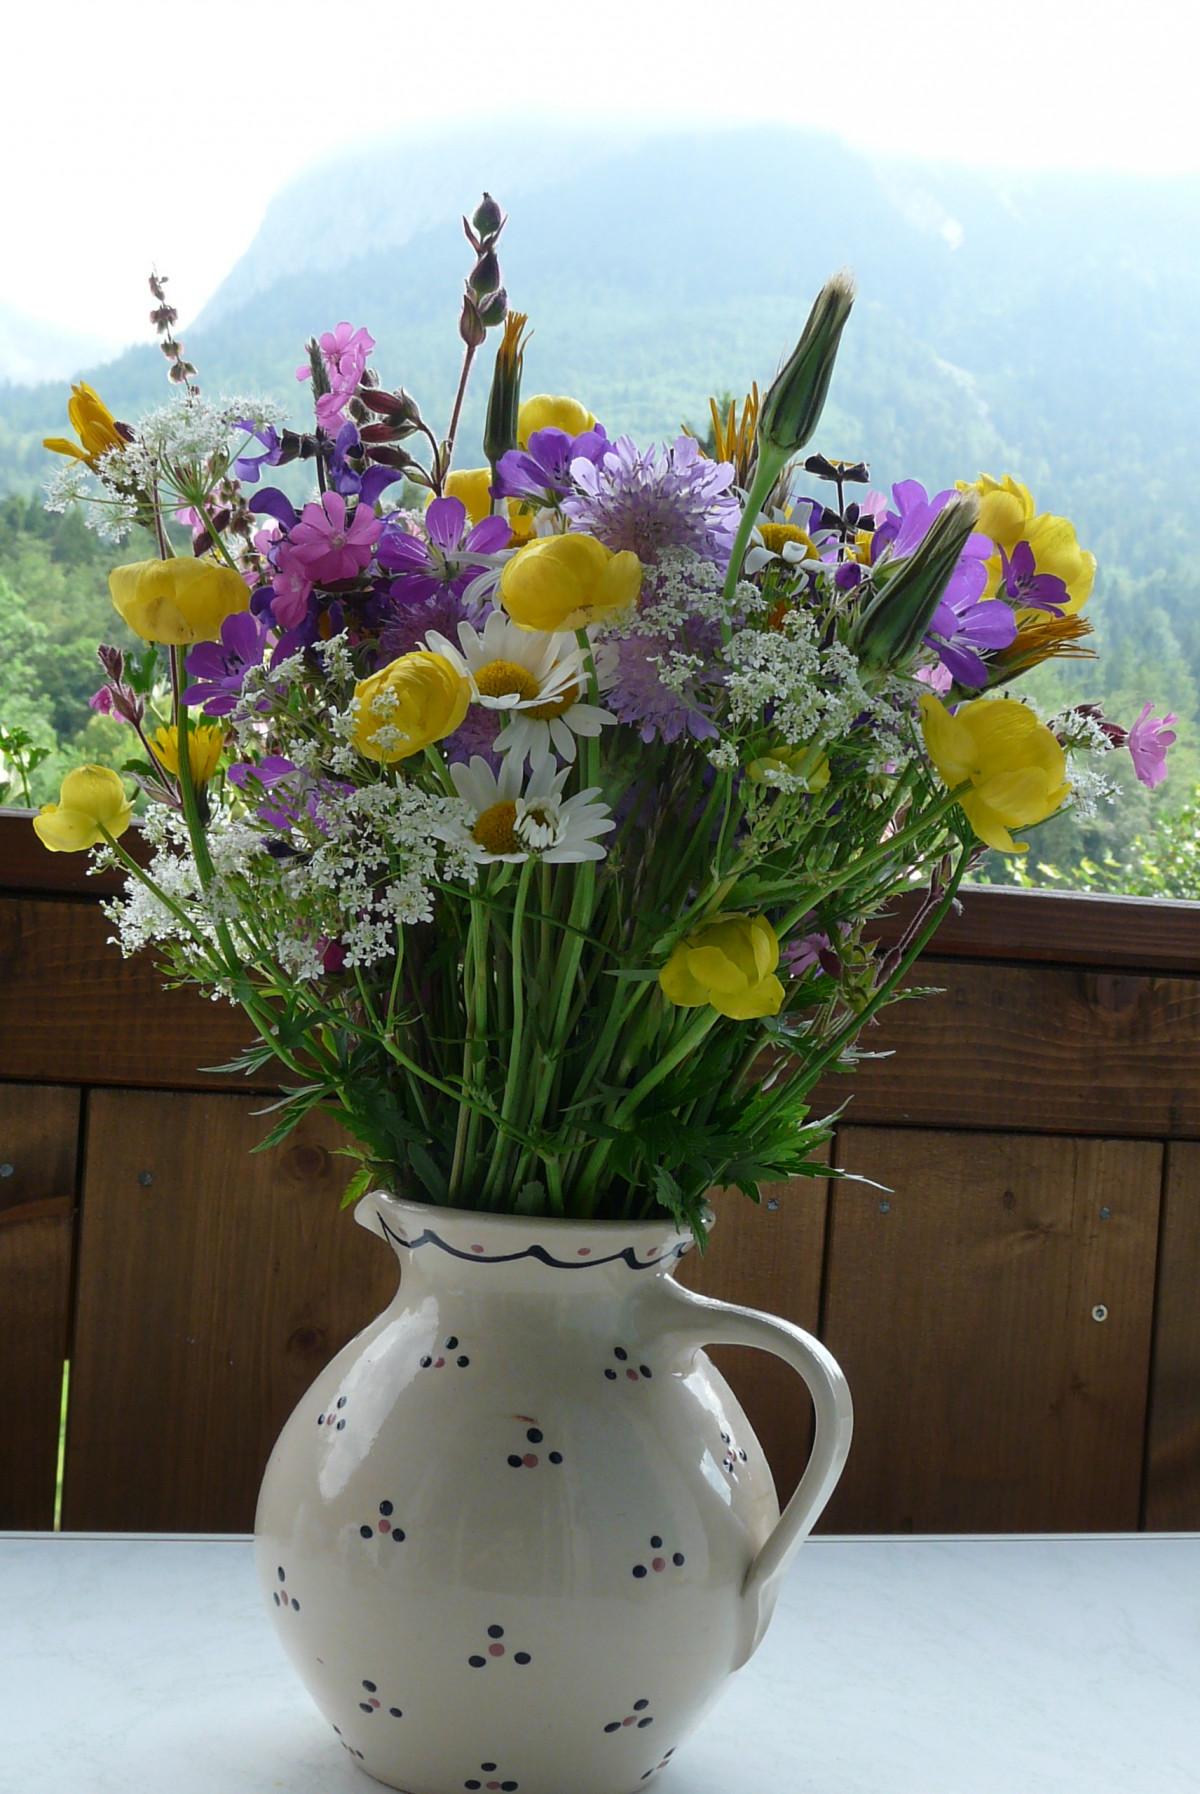 еще фото цветов букетов в кувшине чем преимущества нашего